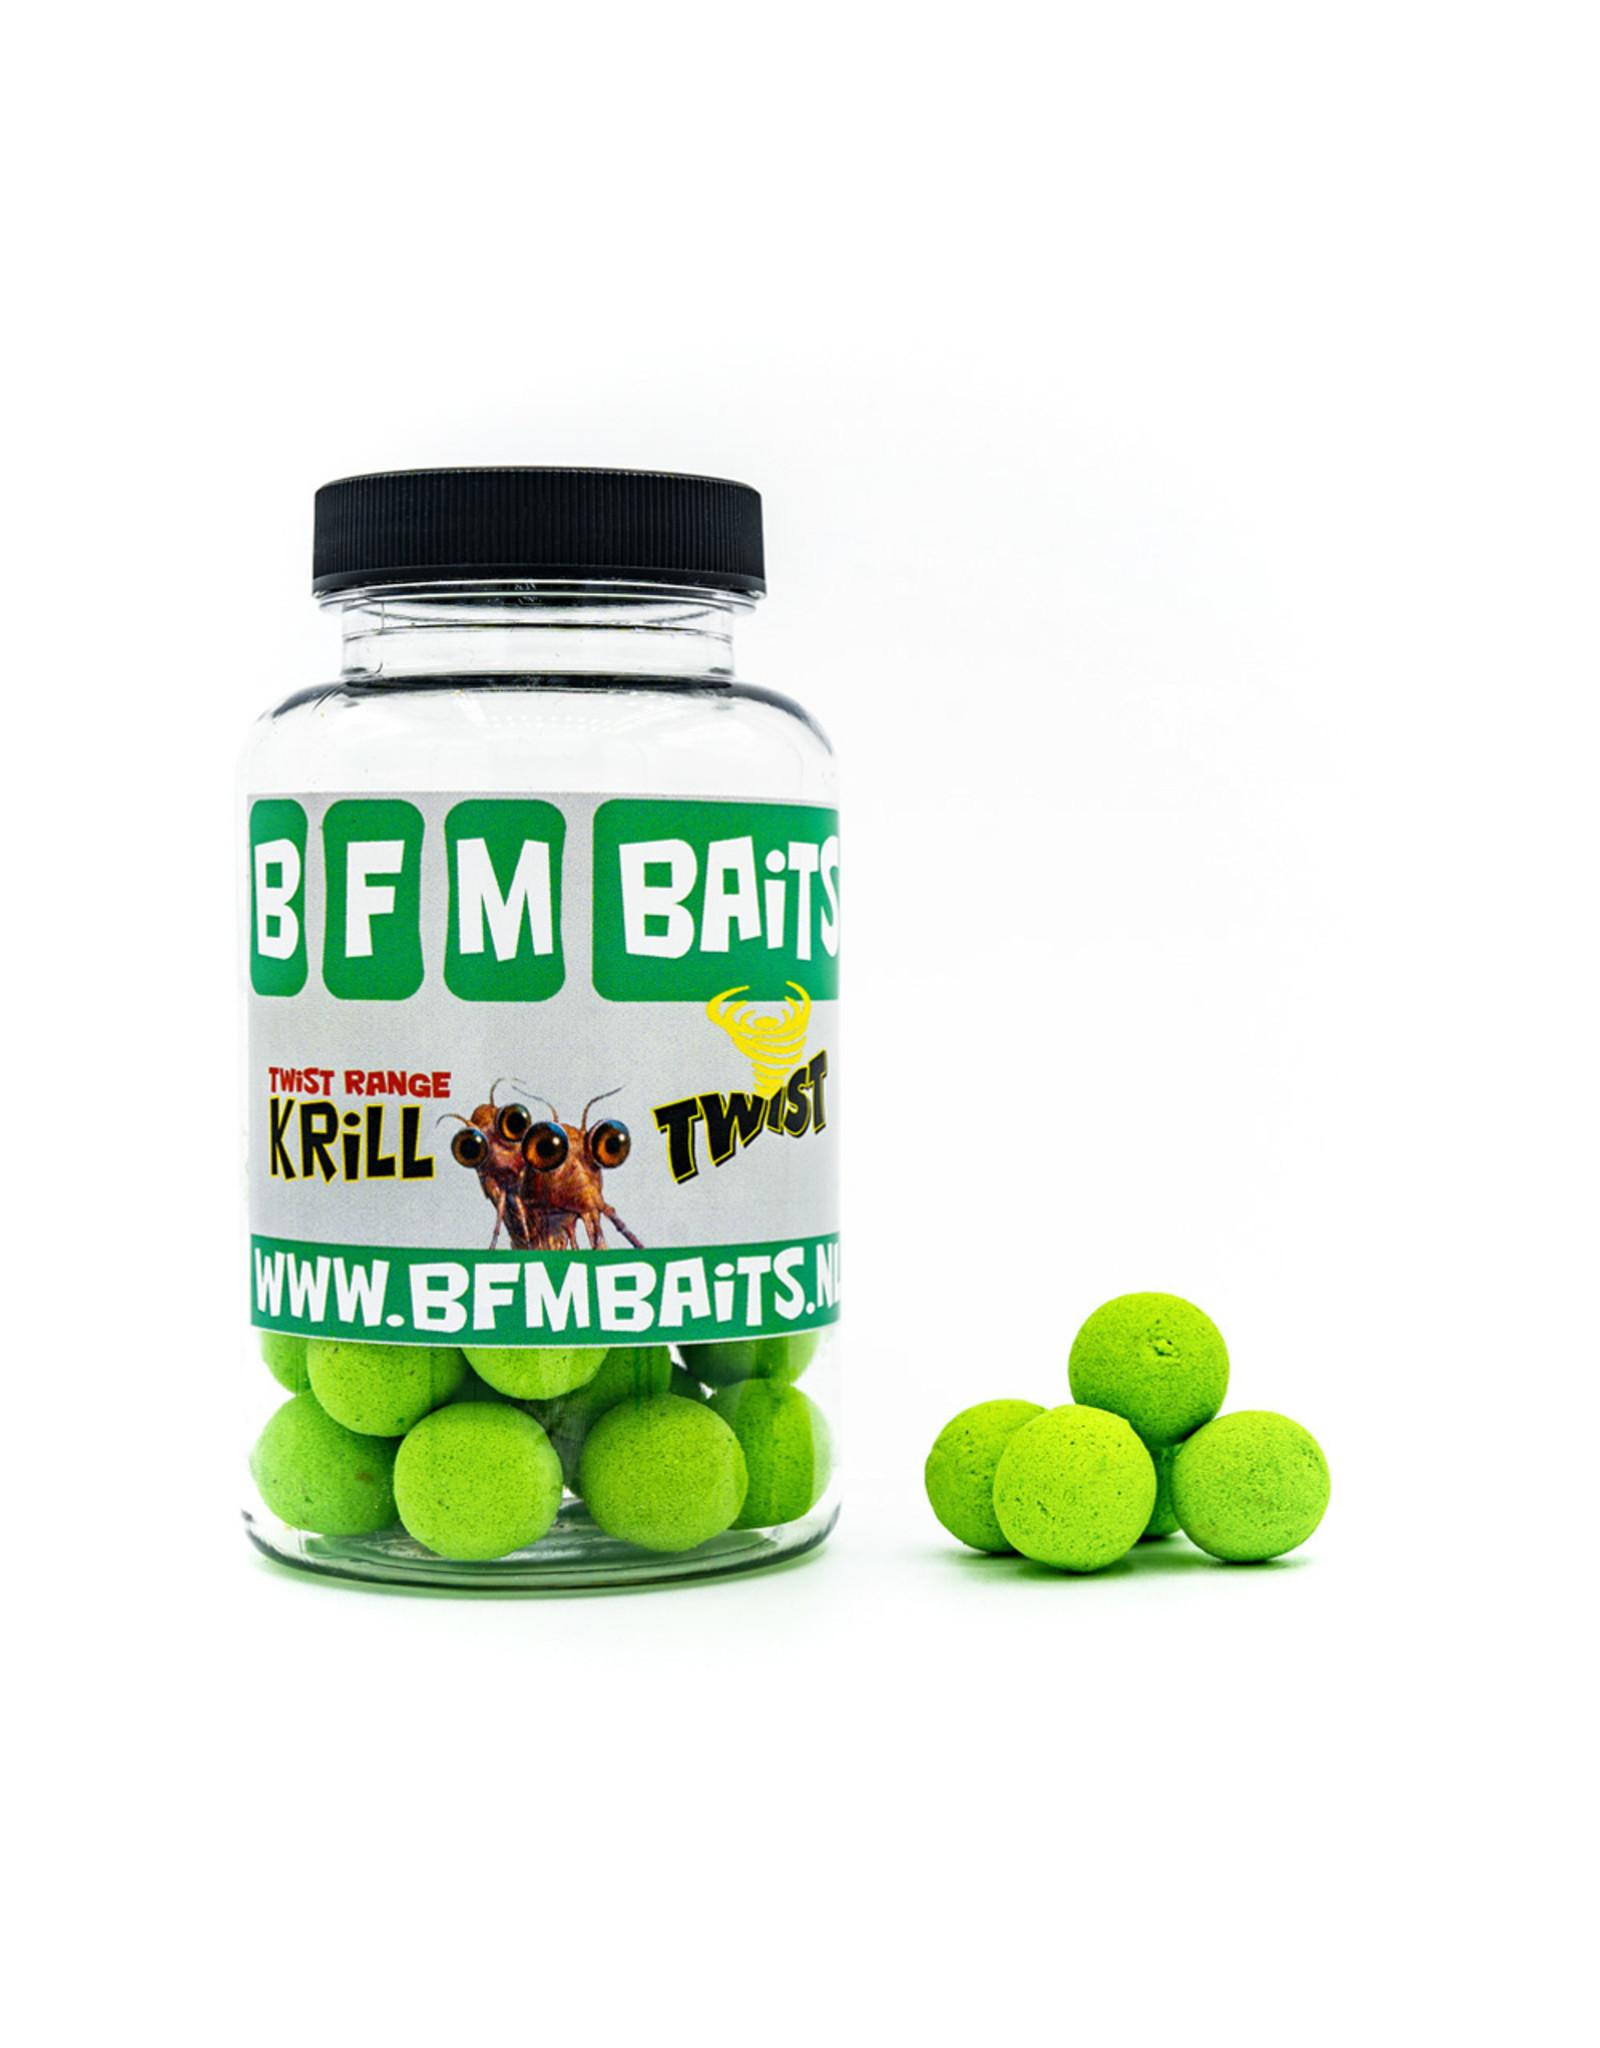 BFM Baits Krill Twist - Bucket deal